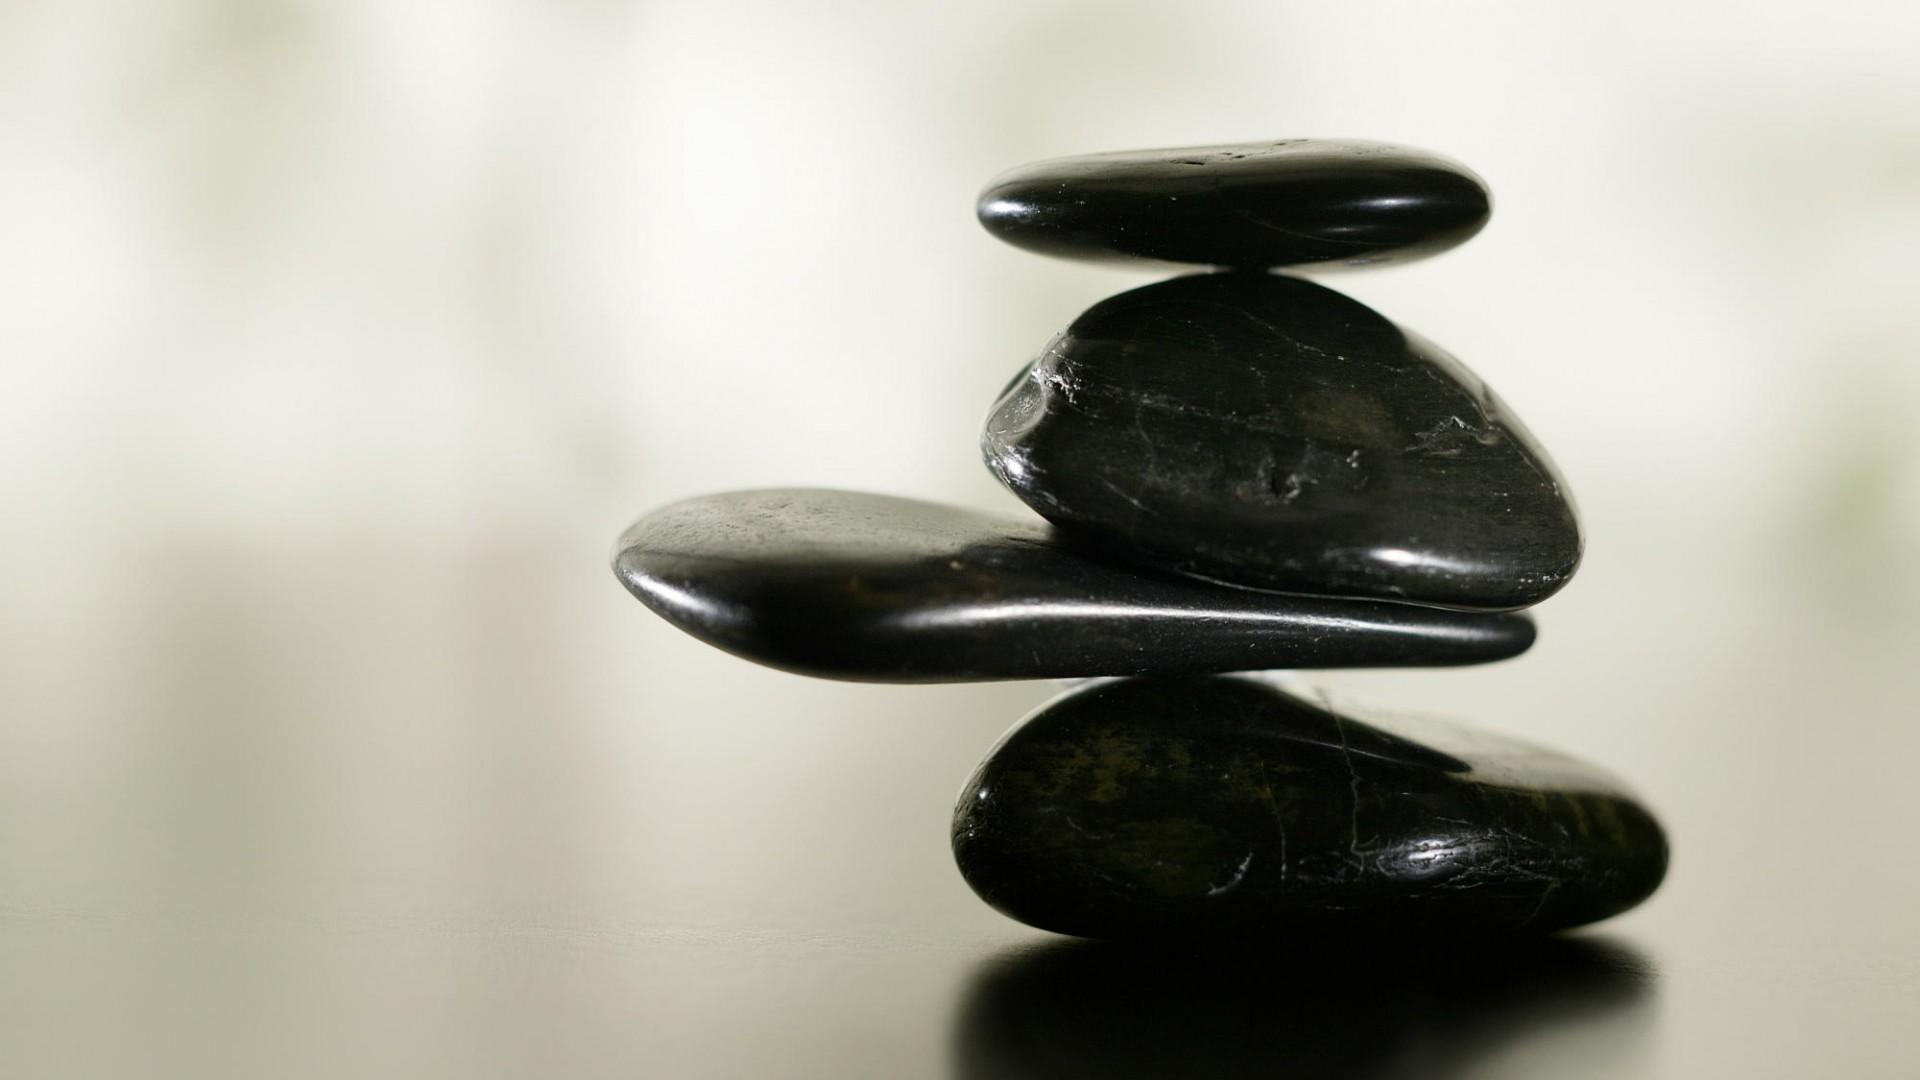 Balancing Stones   Balance  Balancing  Black n white  Stone HD Wallpaper